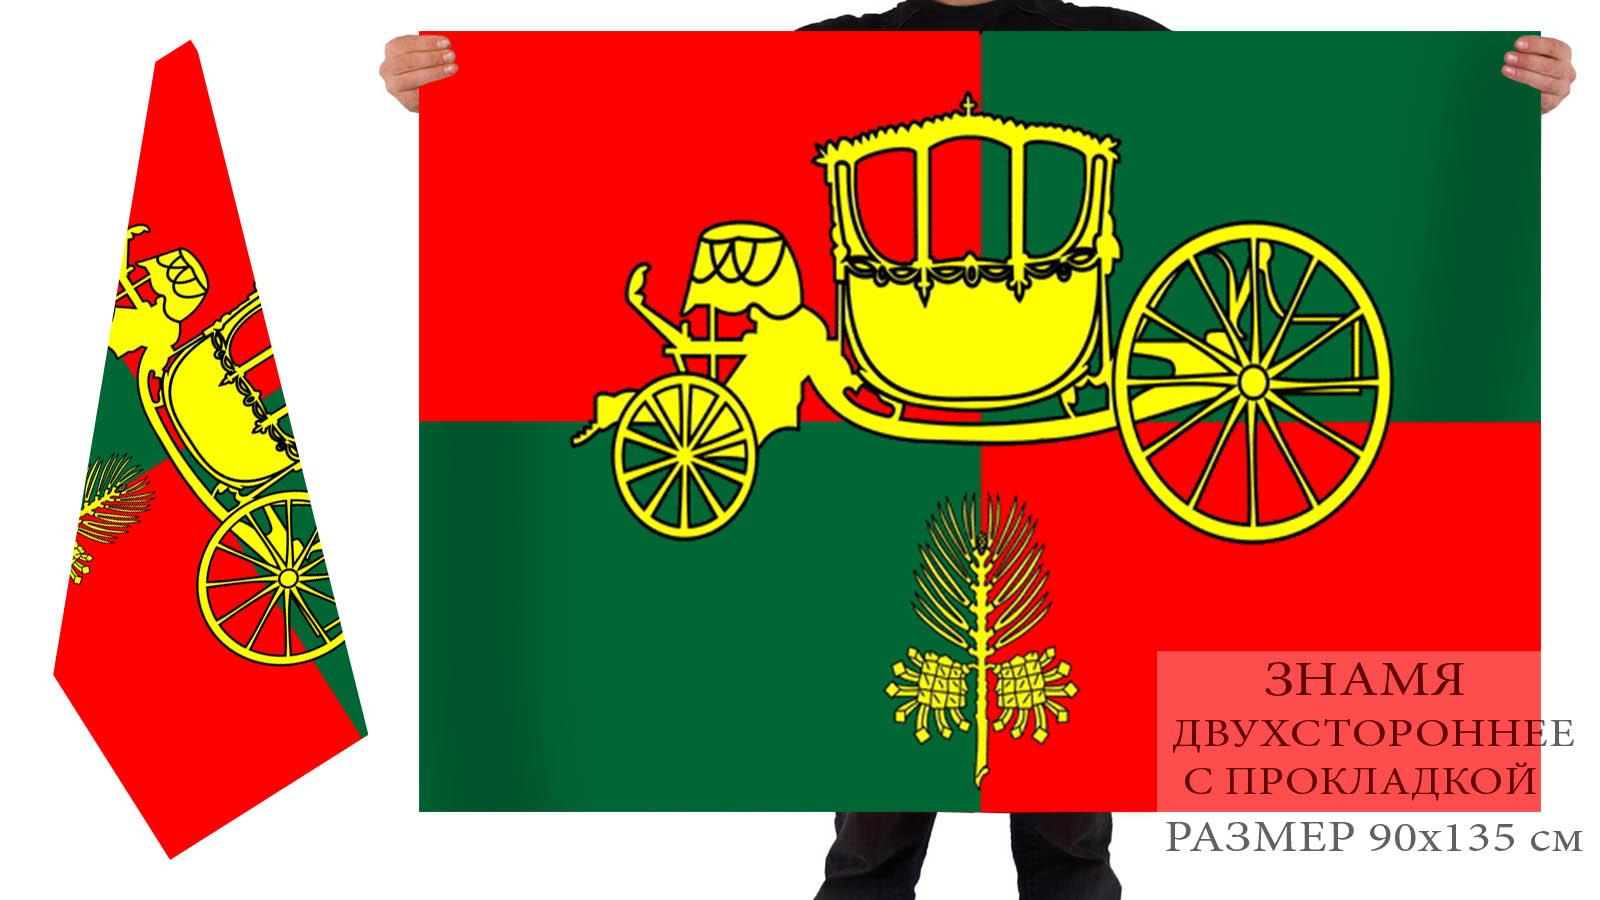 Двусторонний флаг внутригородского муниципального образования муниципального округа Сосновая Поляна